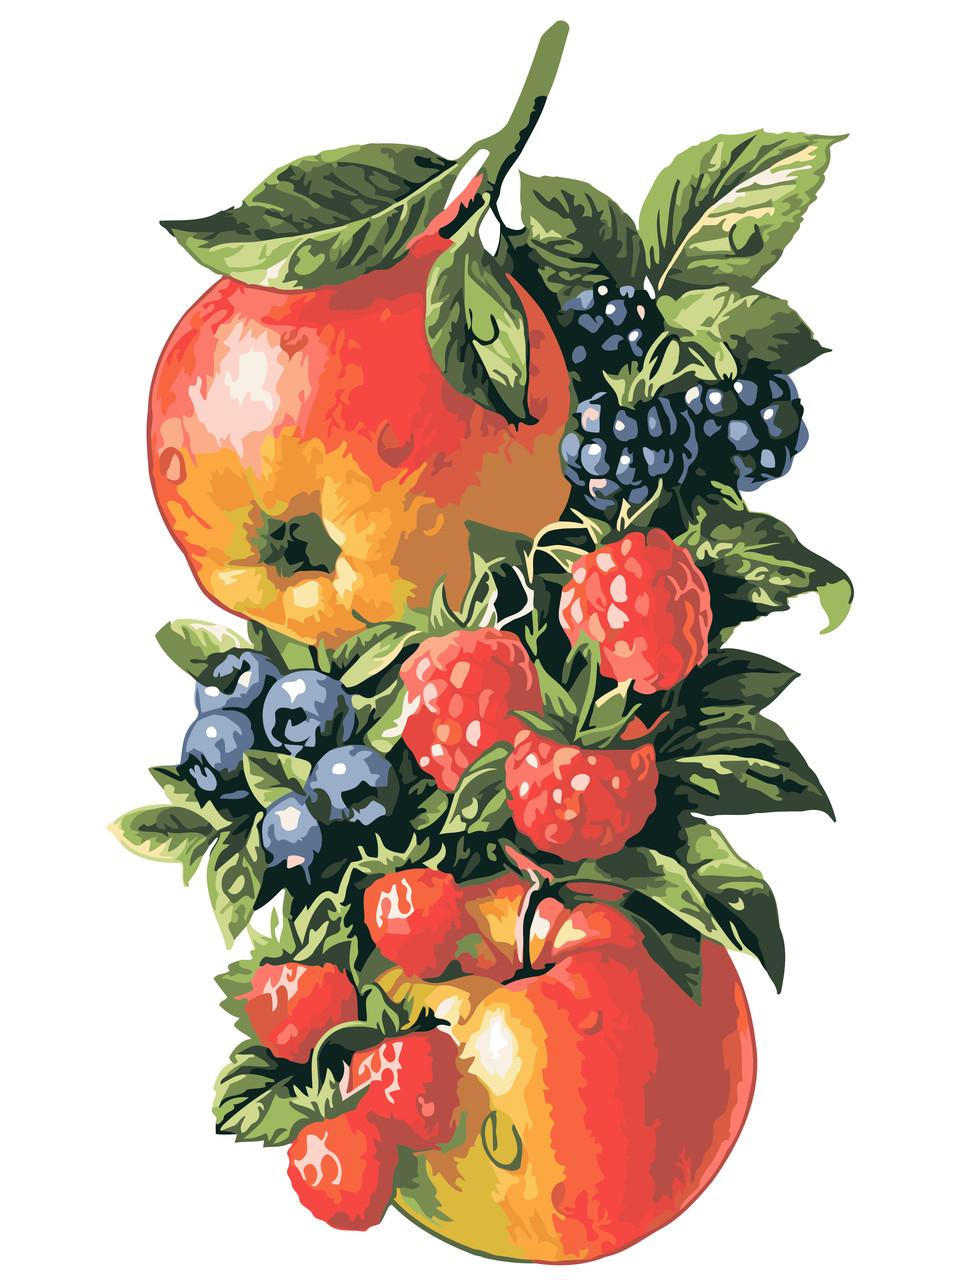 Живопись по номерам Фрукты-ягоды ArtStory AS0594 30 х 40 см (без коробки)